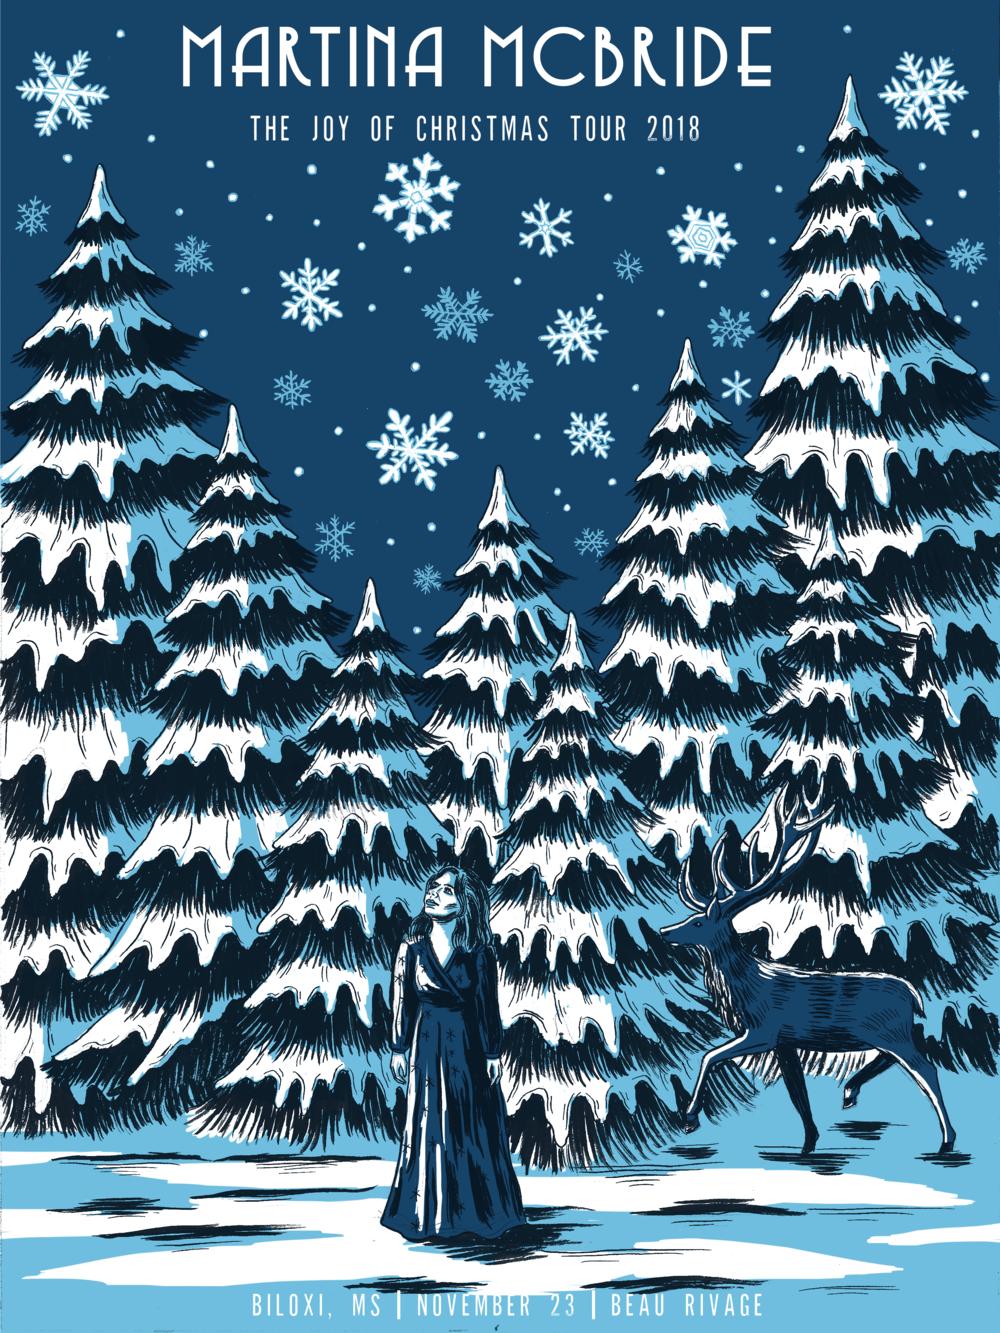 Martina McBride Joy of Christmas Tour, 2018